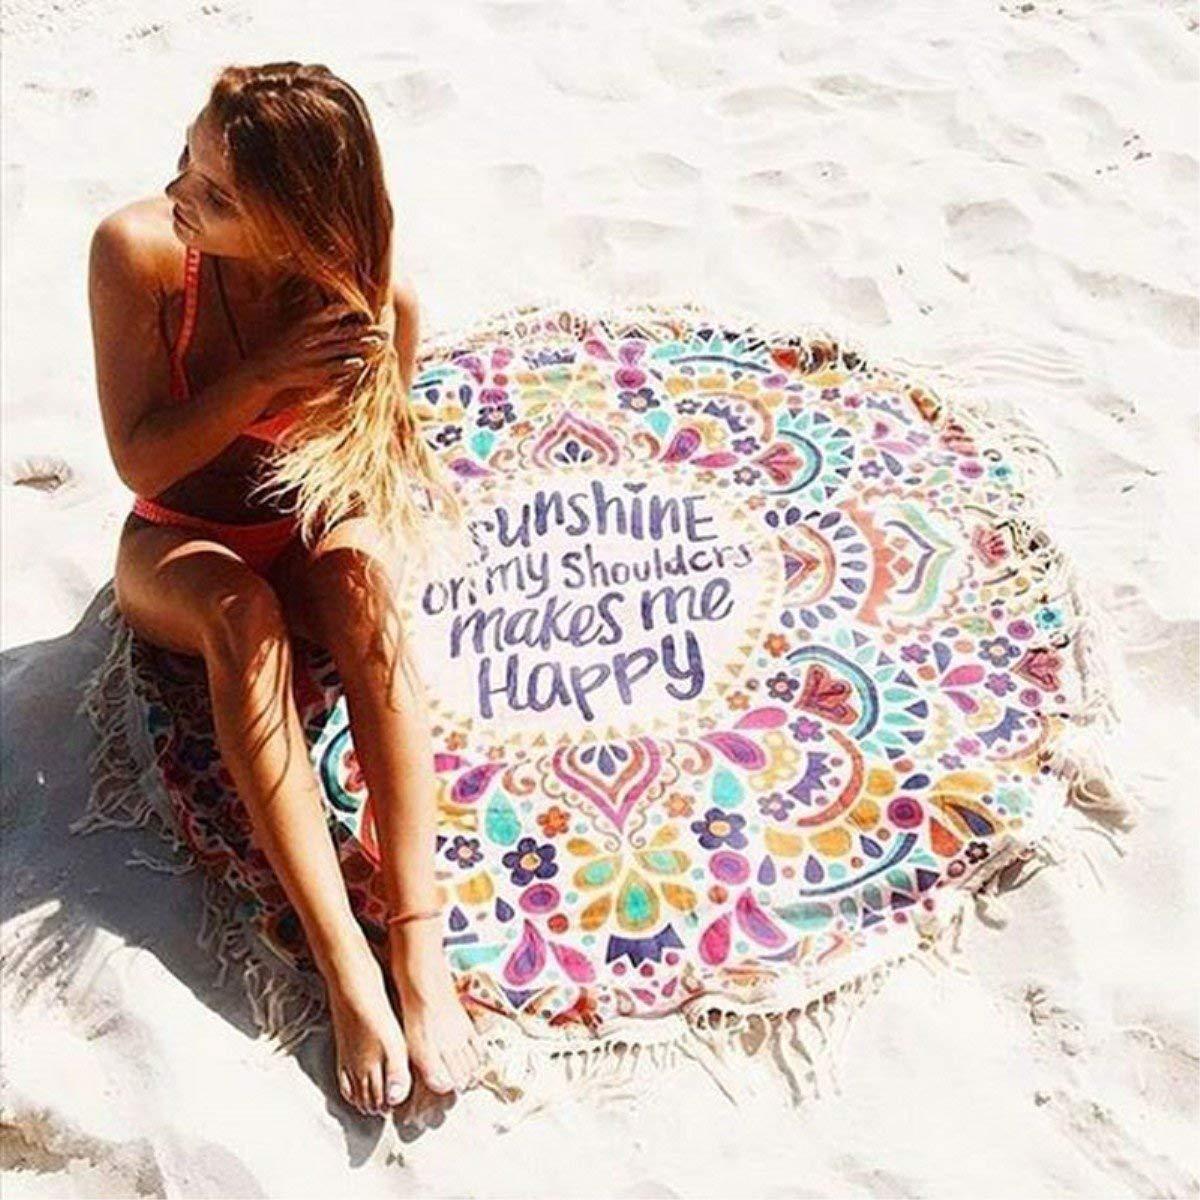 Serviette de Plage, KING DO WAY Drap de plage Serviette Plage Mandala Femme Tapisserie Ronde Fleurs Serviette Plage Yoga Glands Décoratifs Indien Châle de Yoga